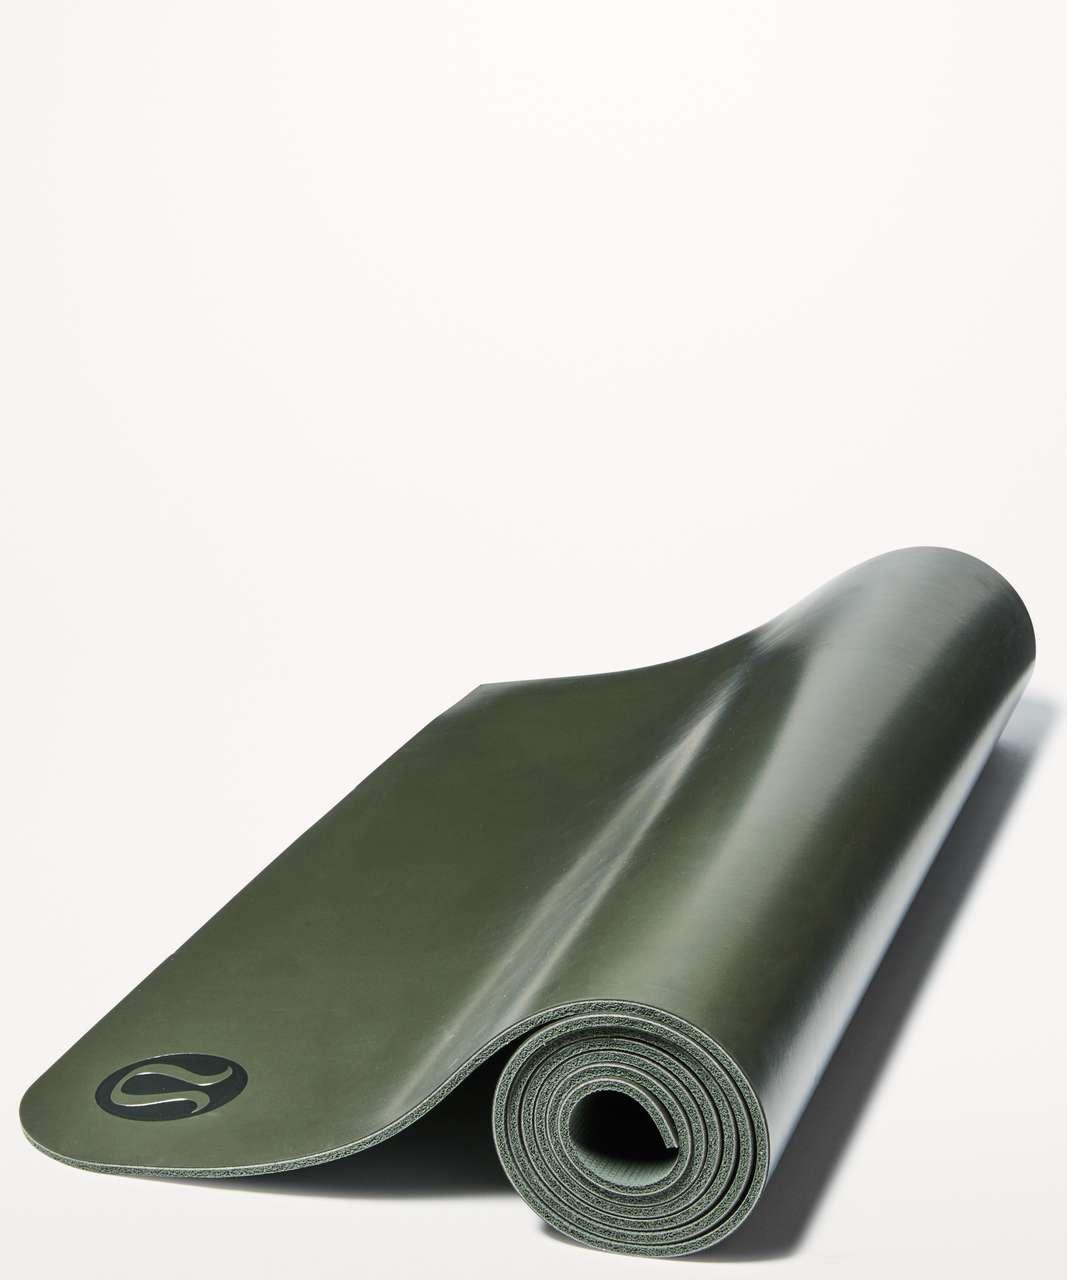 Lululemon The Reversible Mat 5mm - Dark Olive / Gator Green